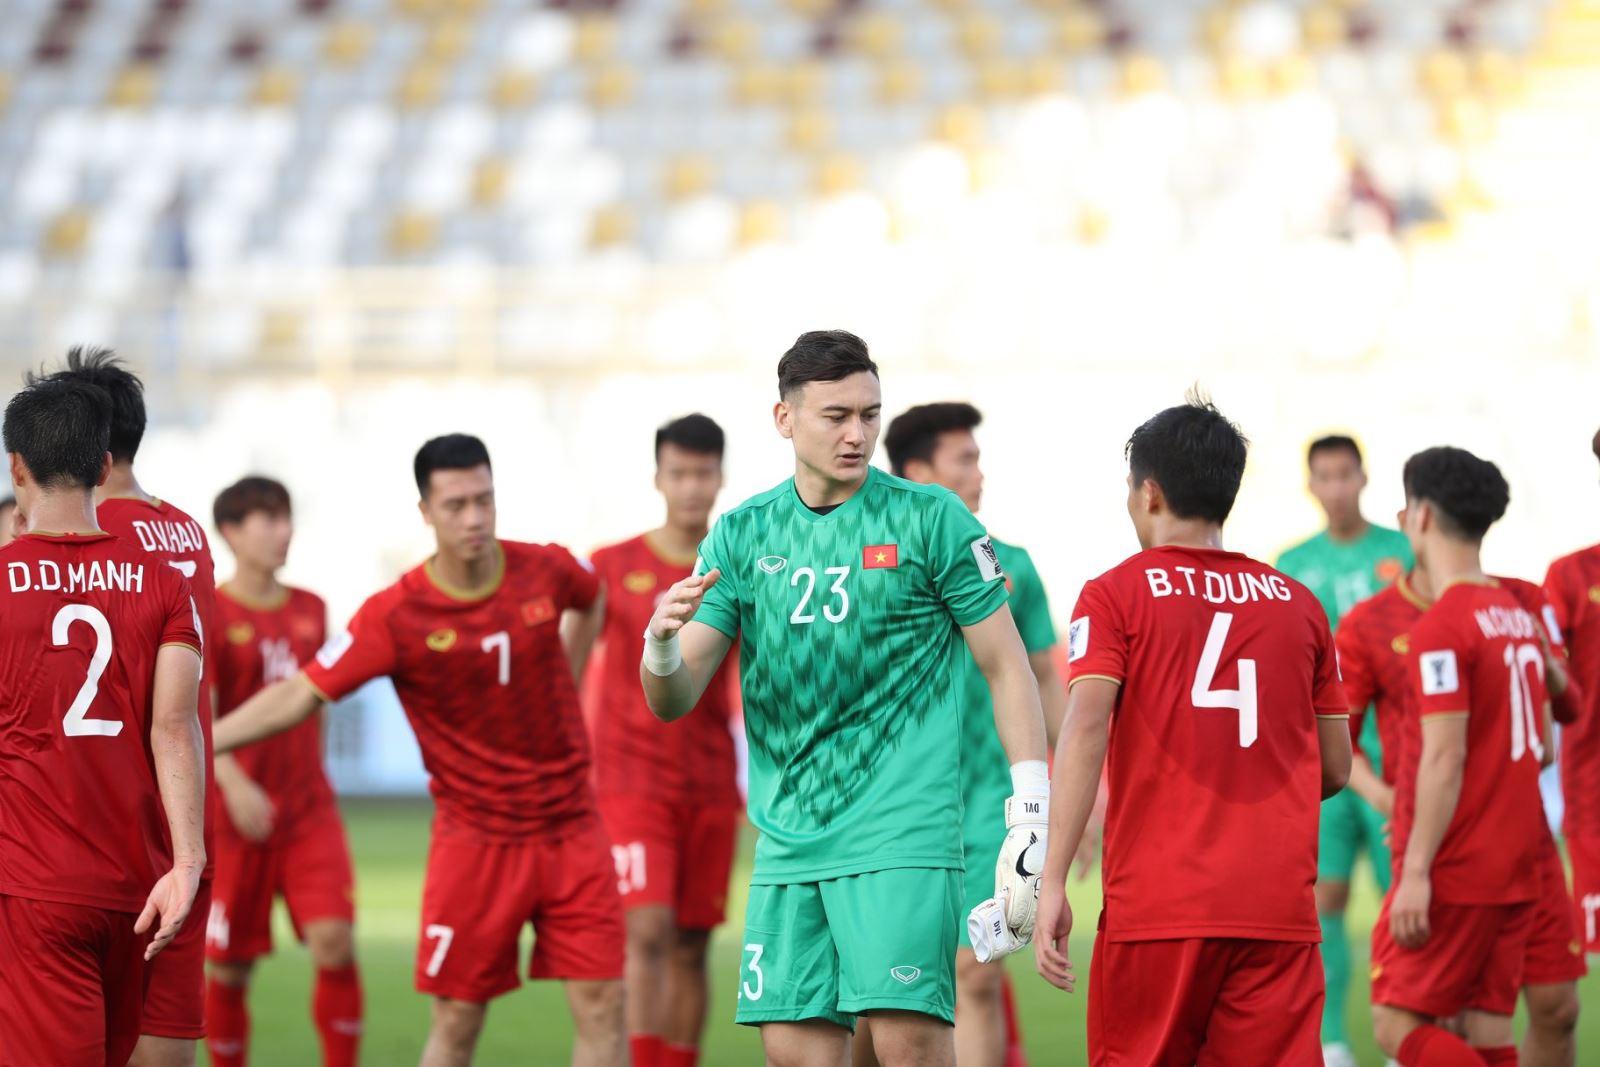 Việt Nam: 0 điểm, nhưng cửa đi tiếp vẫn rộng mở